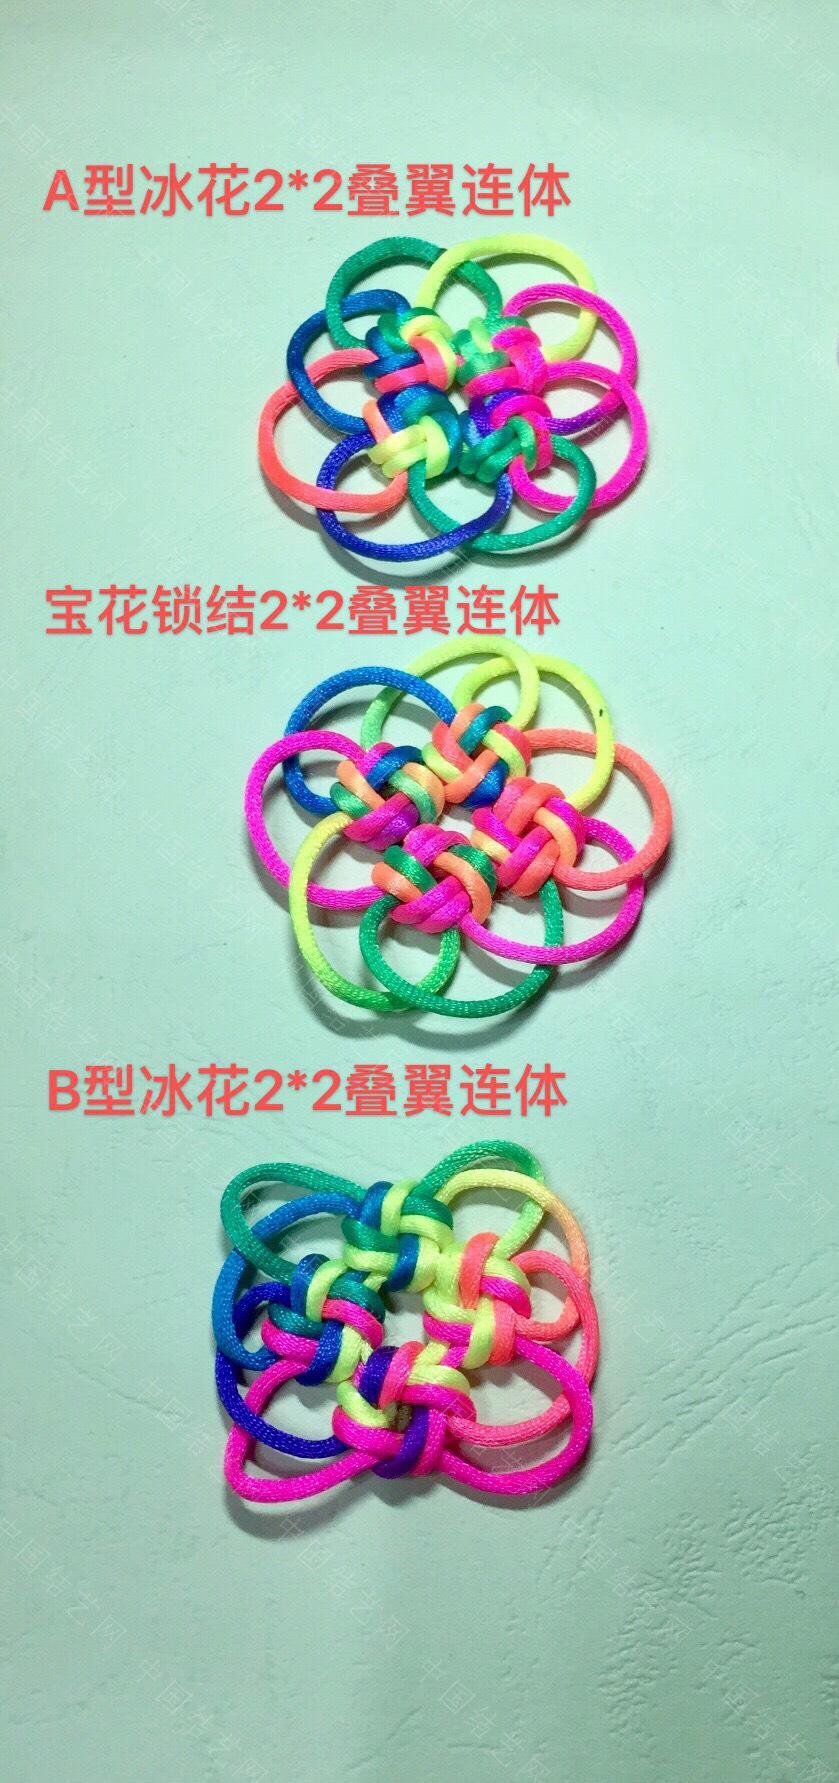 中国结论坛 B型冰花,宝花锁结系列习作  作品展示 093540zxx1ltj1jdgcxjd1